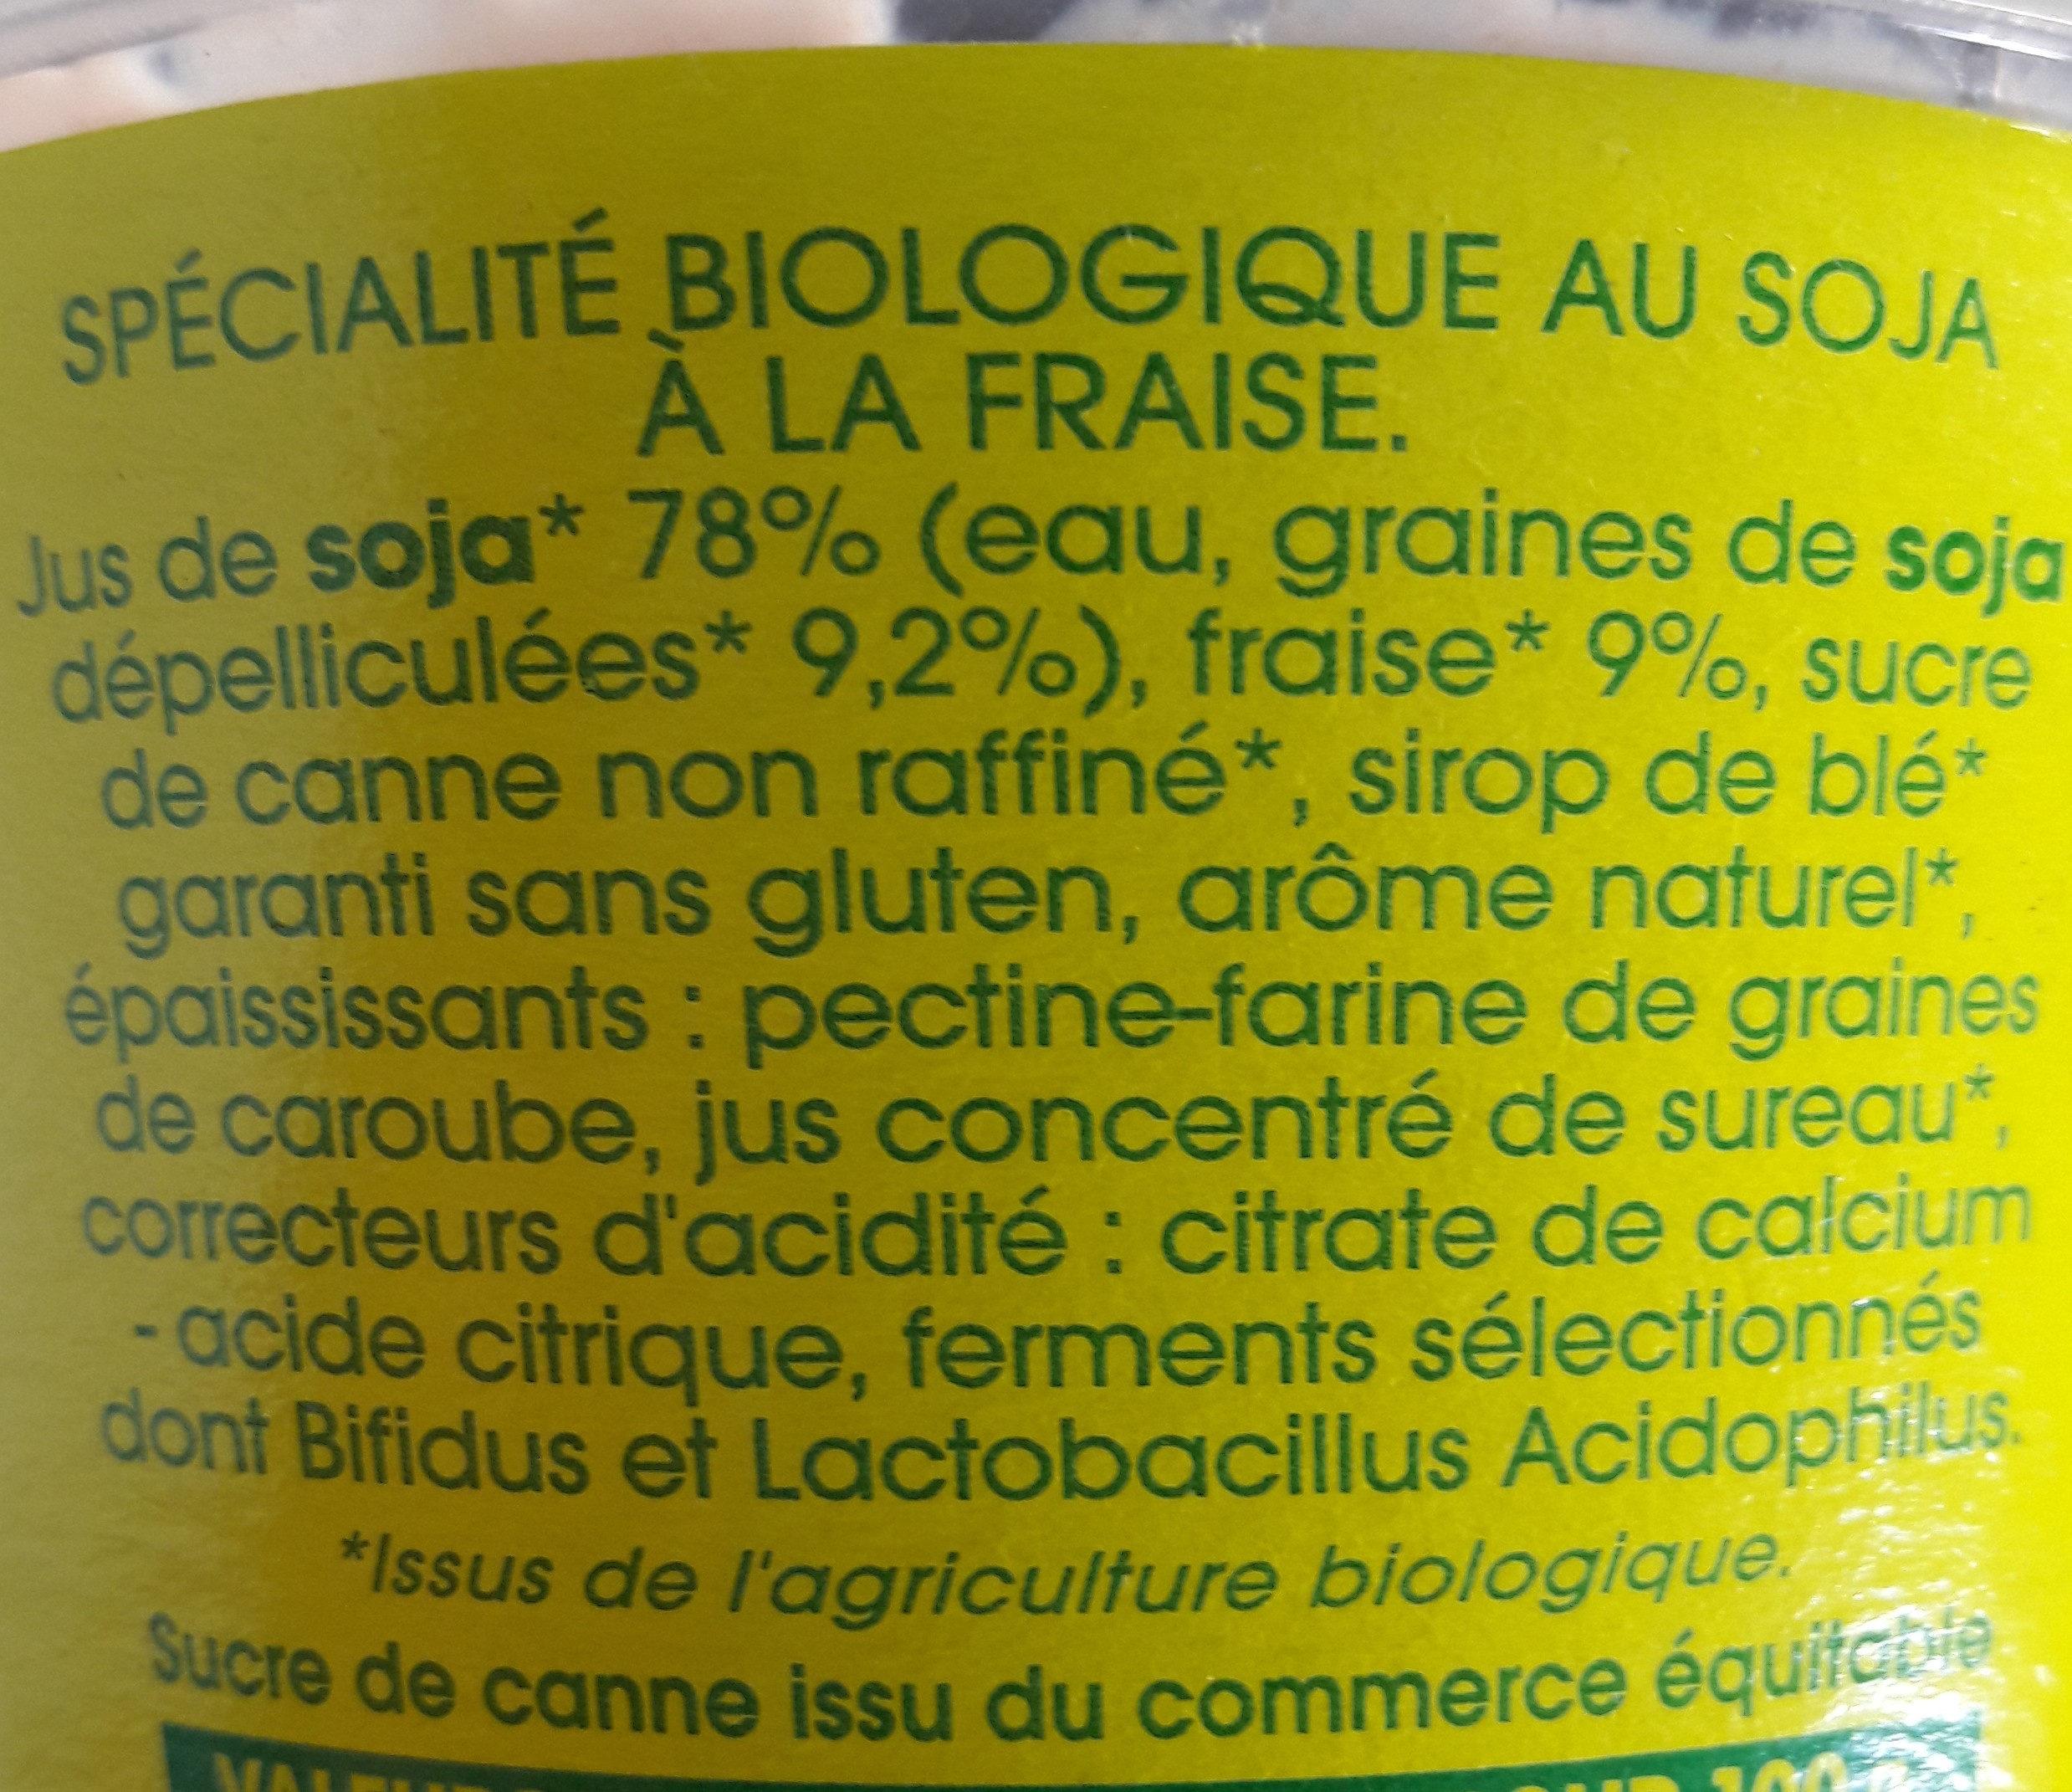 Spécialité au soja, Fraise - Ingrédients - fr